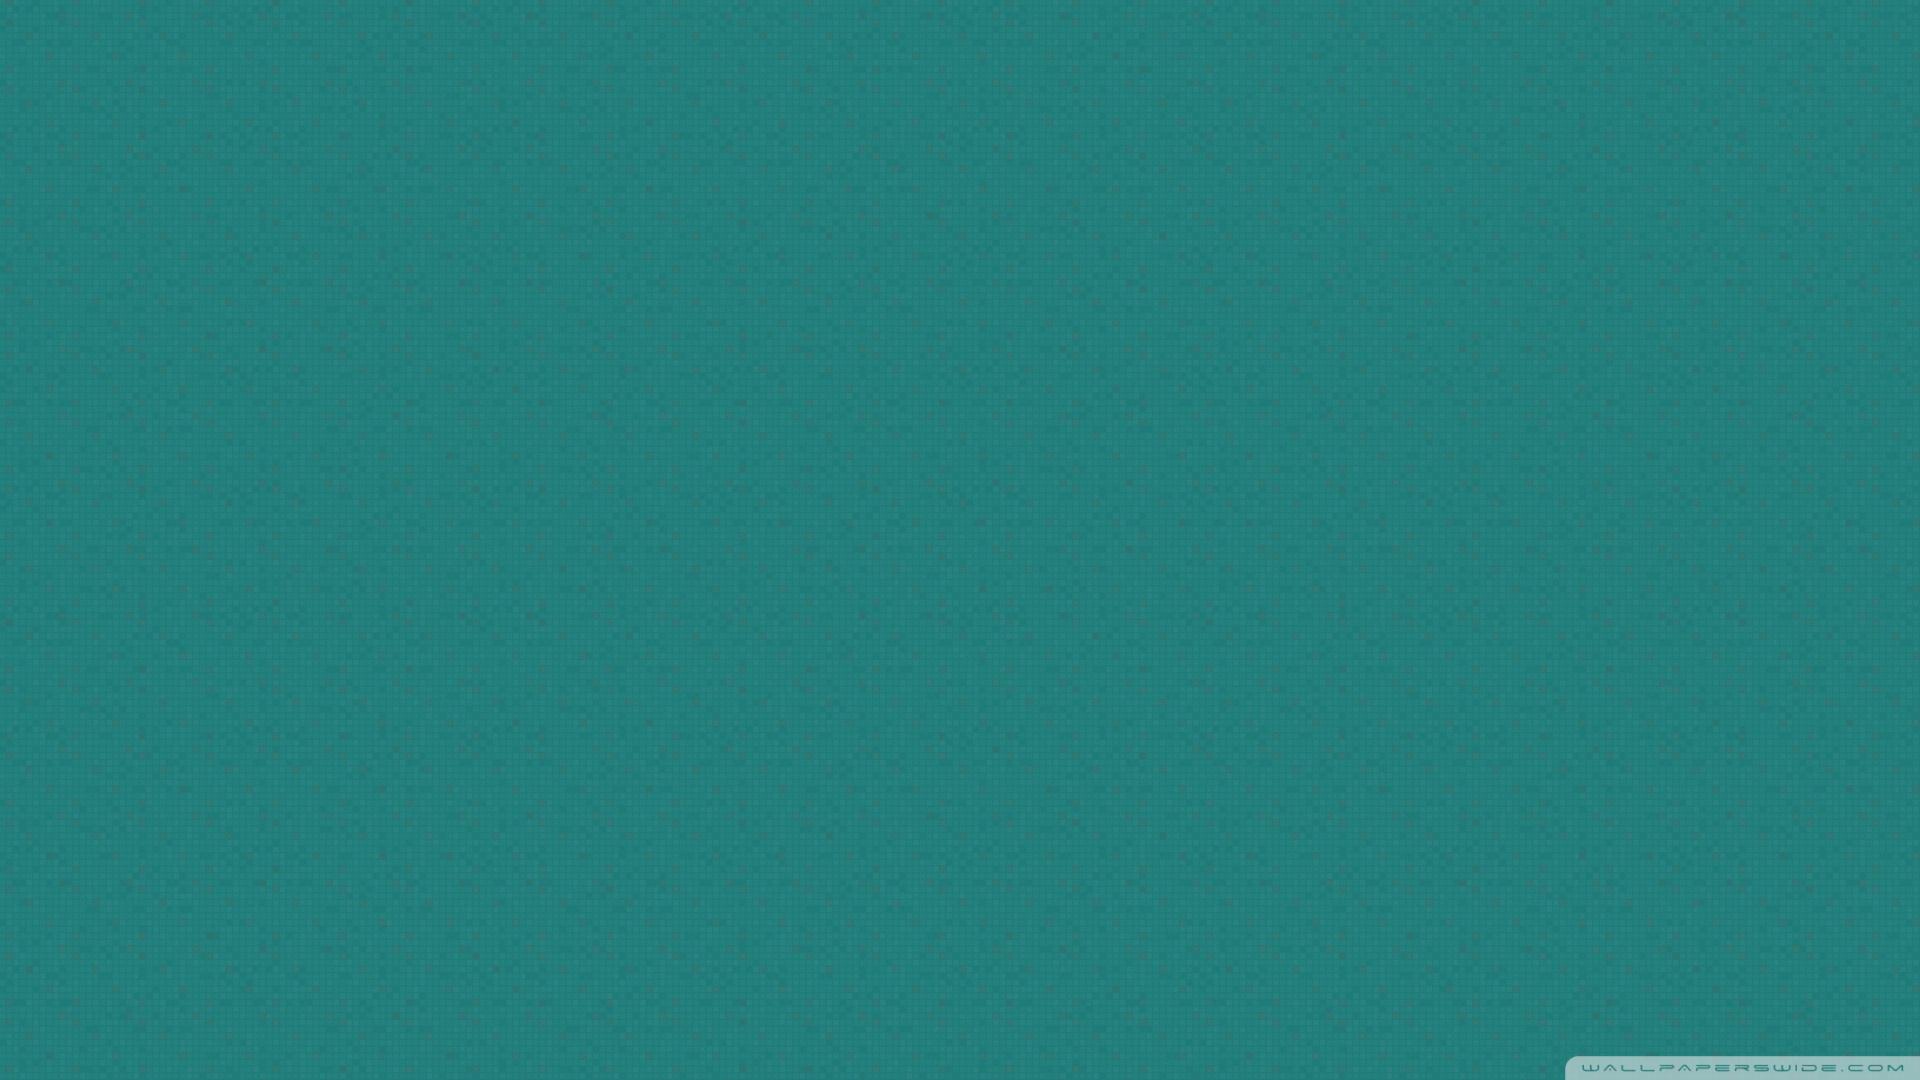 Tiffany Blue Color Code >> Aqua Colored Wallpaper - WallpaperSafari